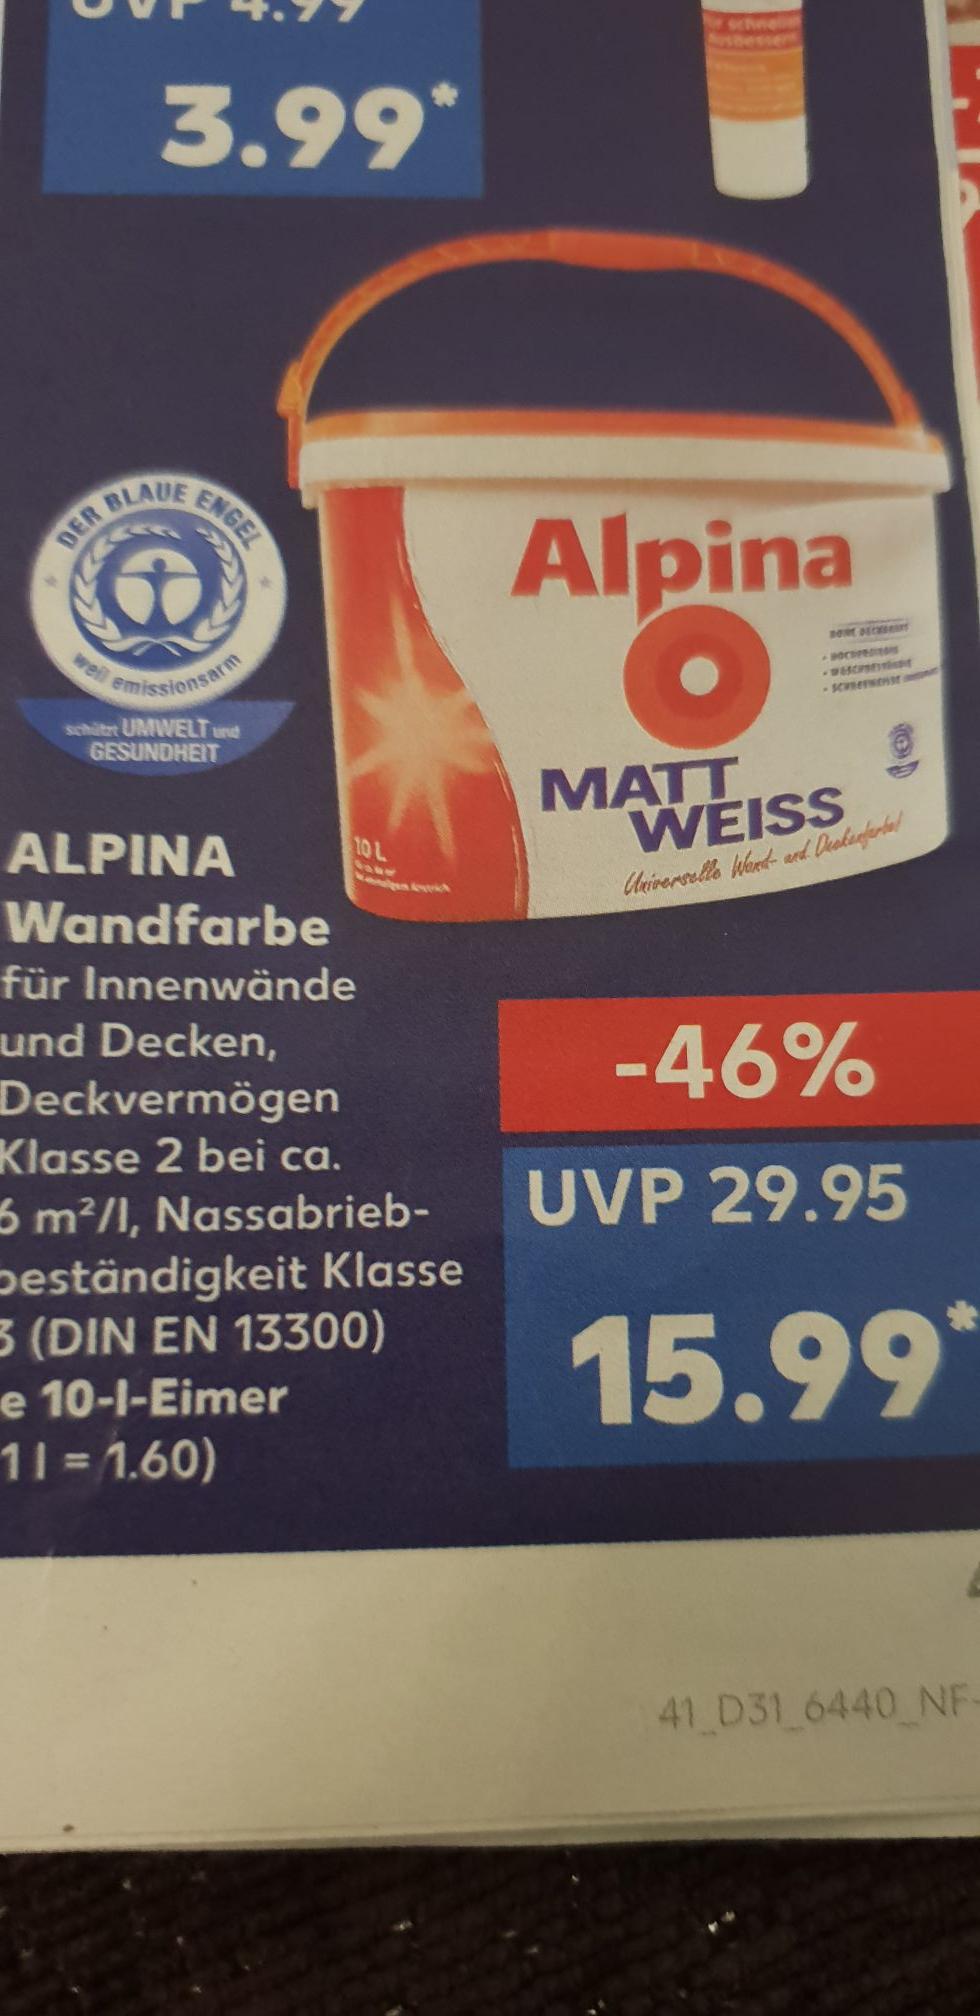 [Kaufland Offline] Alpina Matt Weiss Wandafarbe 10 Liter für 15.99